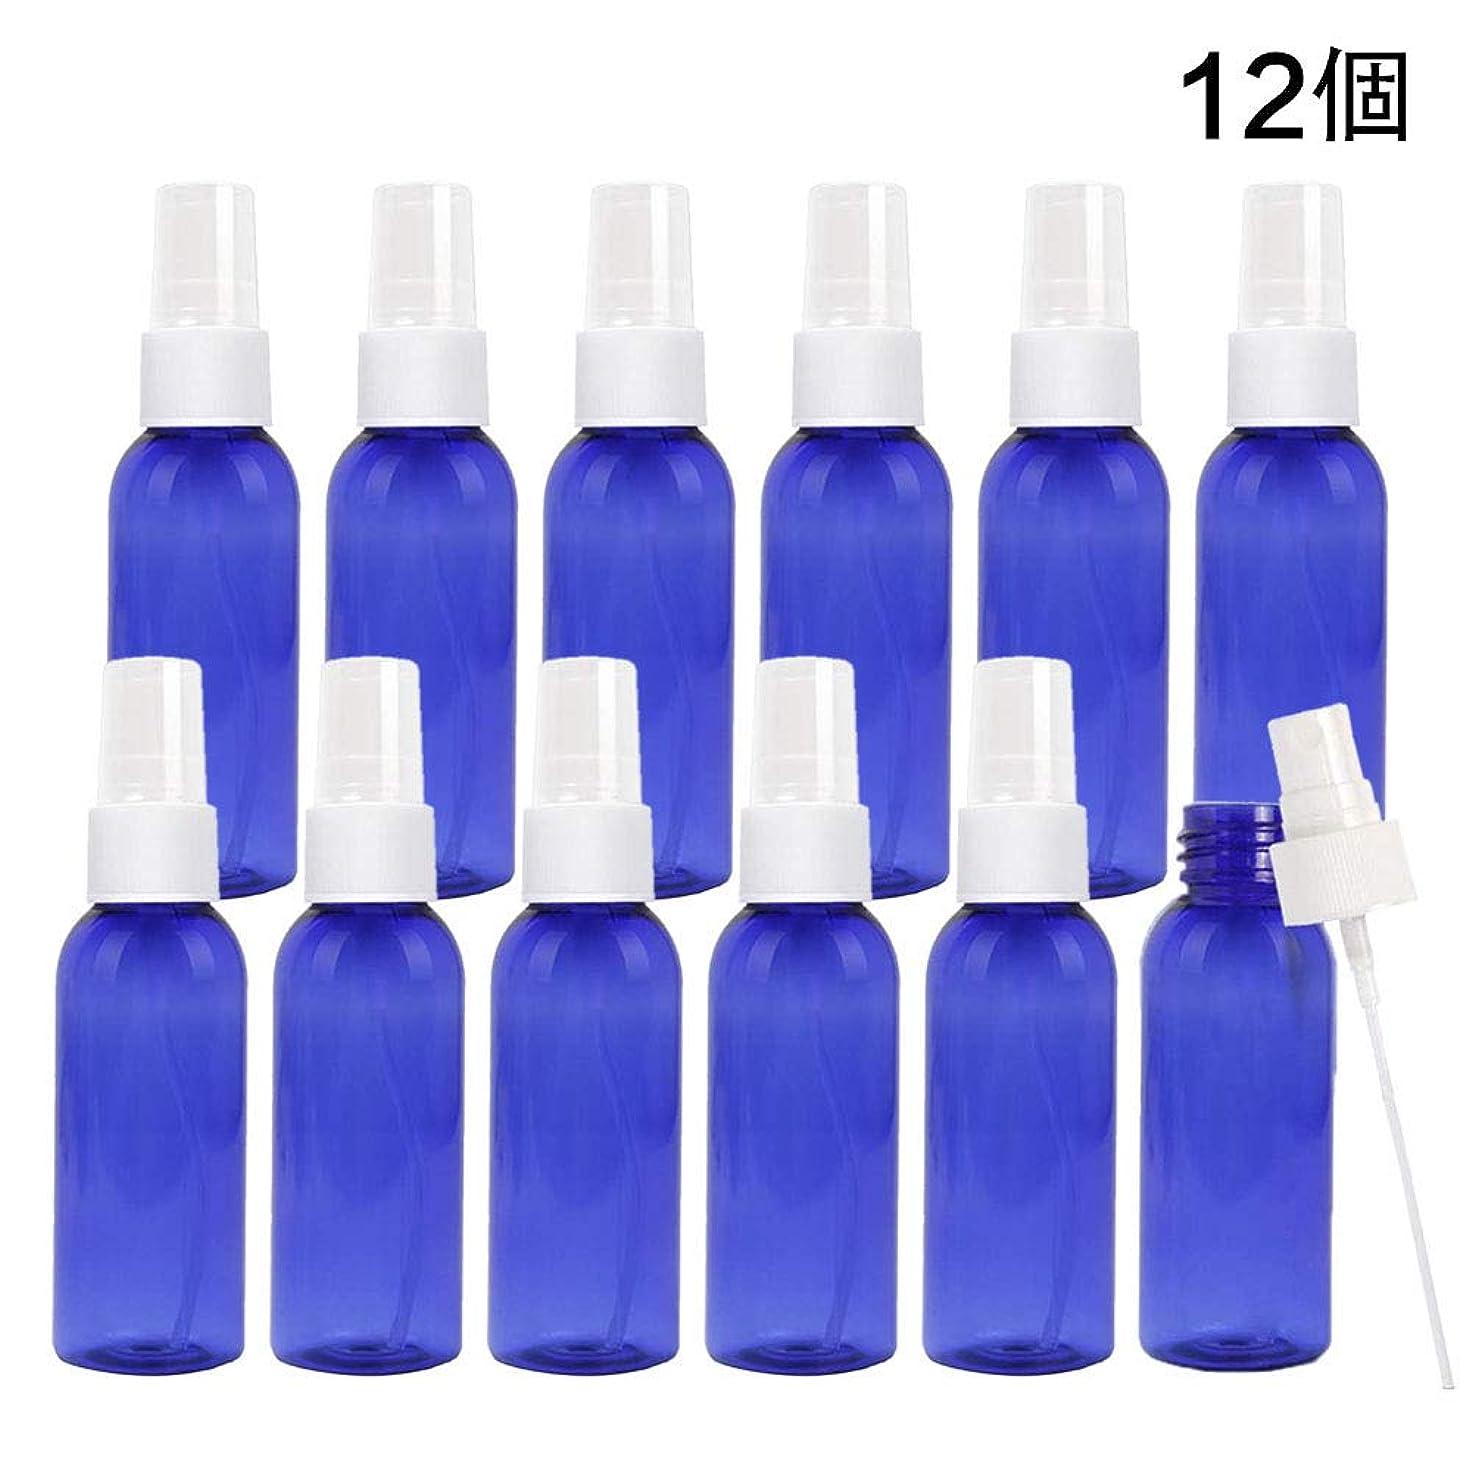 コンパニオン魔術師有効スプレーボトル 50ml 遮光スプレー 霧吹き 詰め替え容器 キャップ付 青色 12本セット